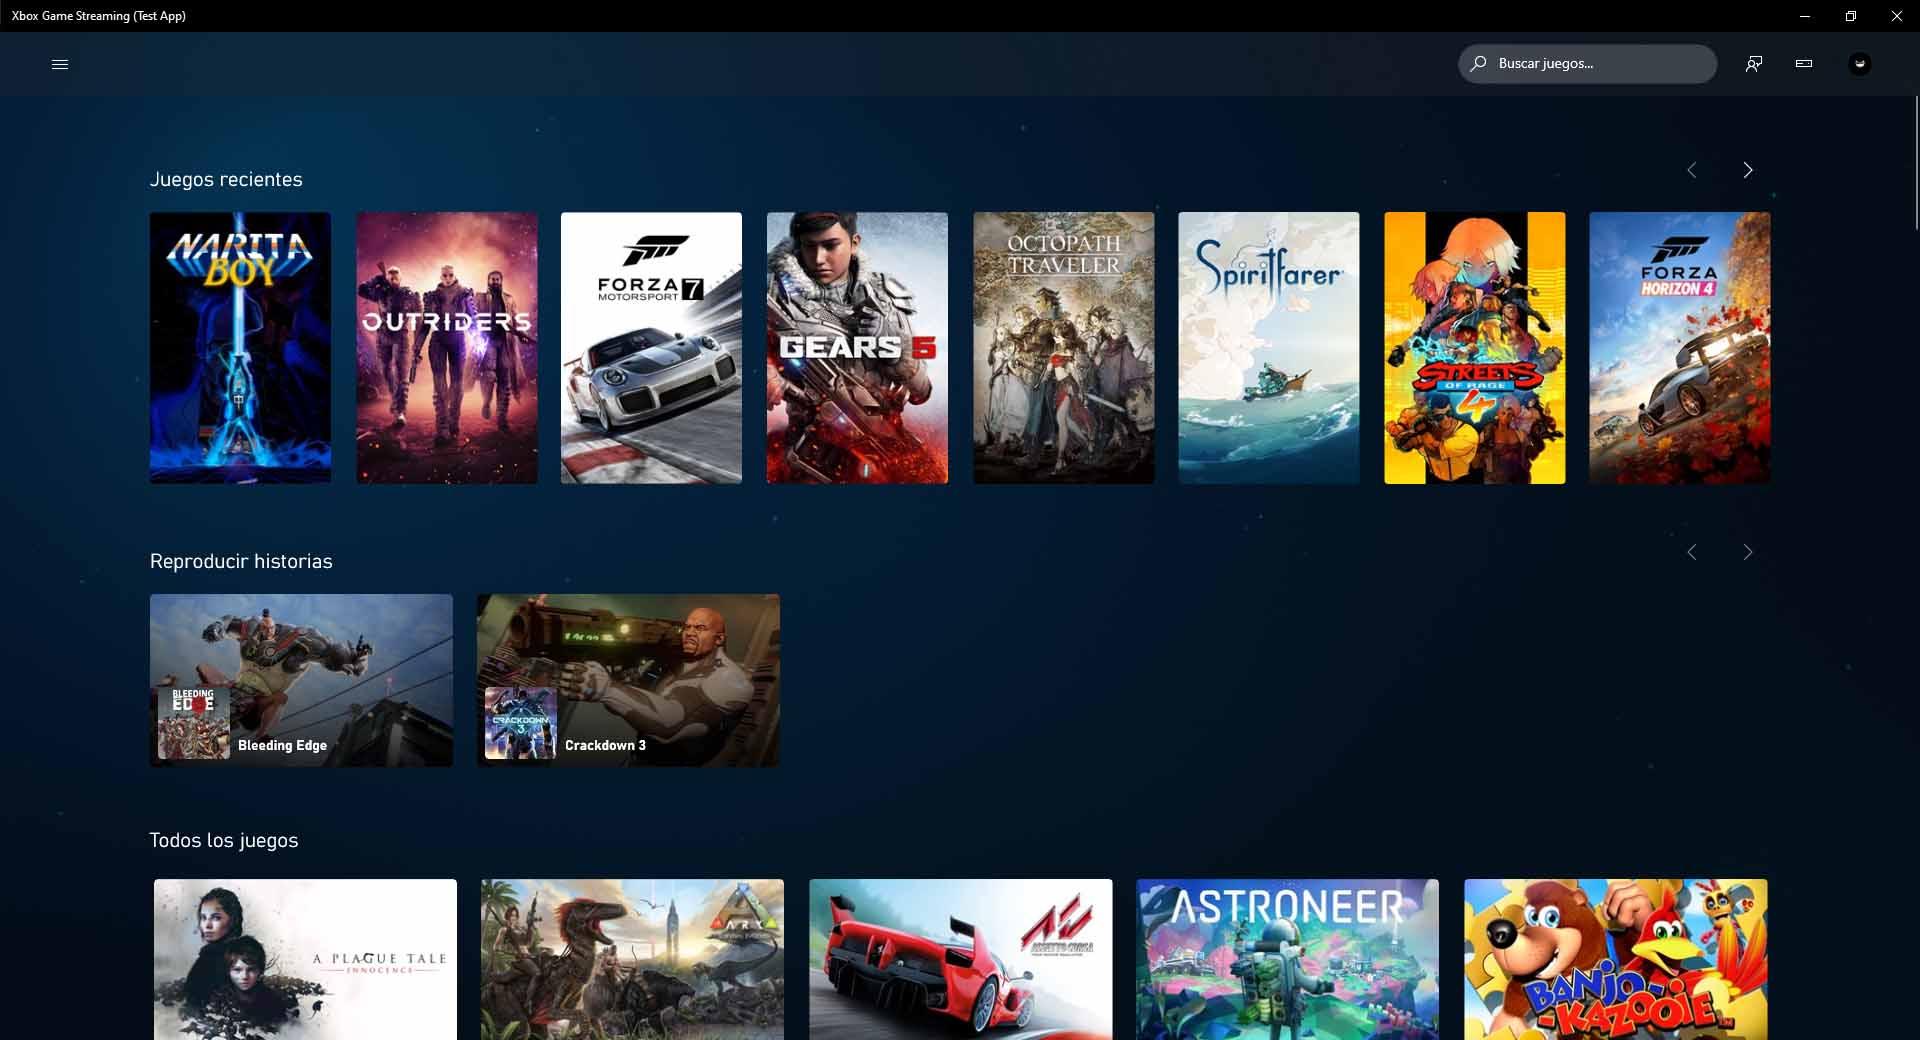 Te explicamos cómo descargar la aplicación Xbox Game Streaming de PC y jugar a xCloud